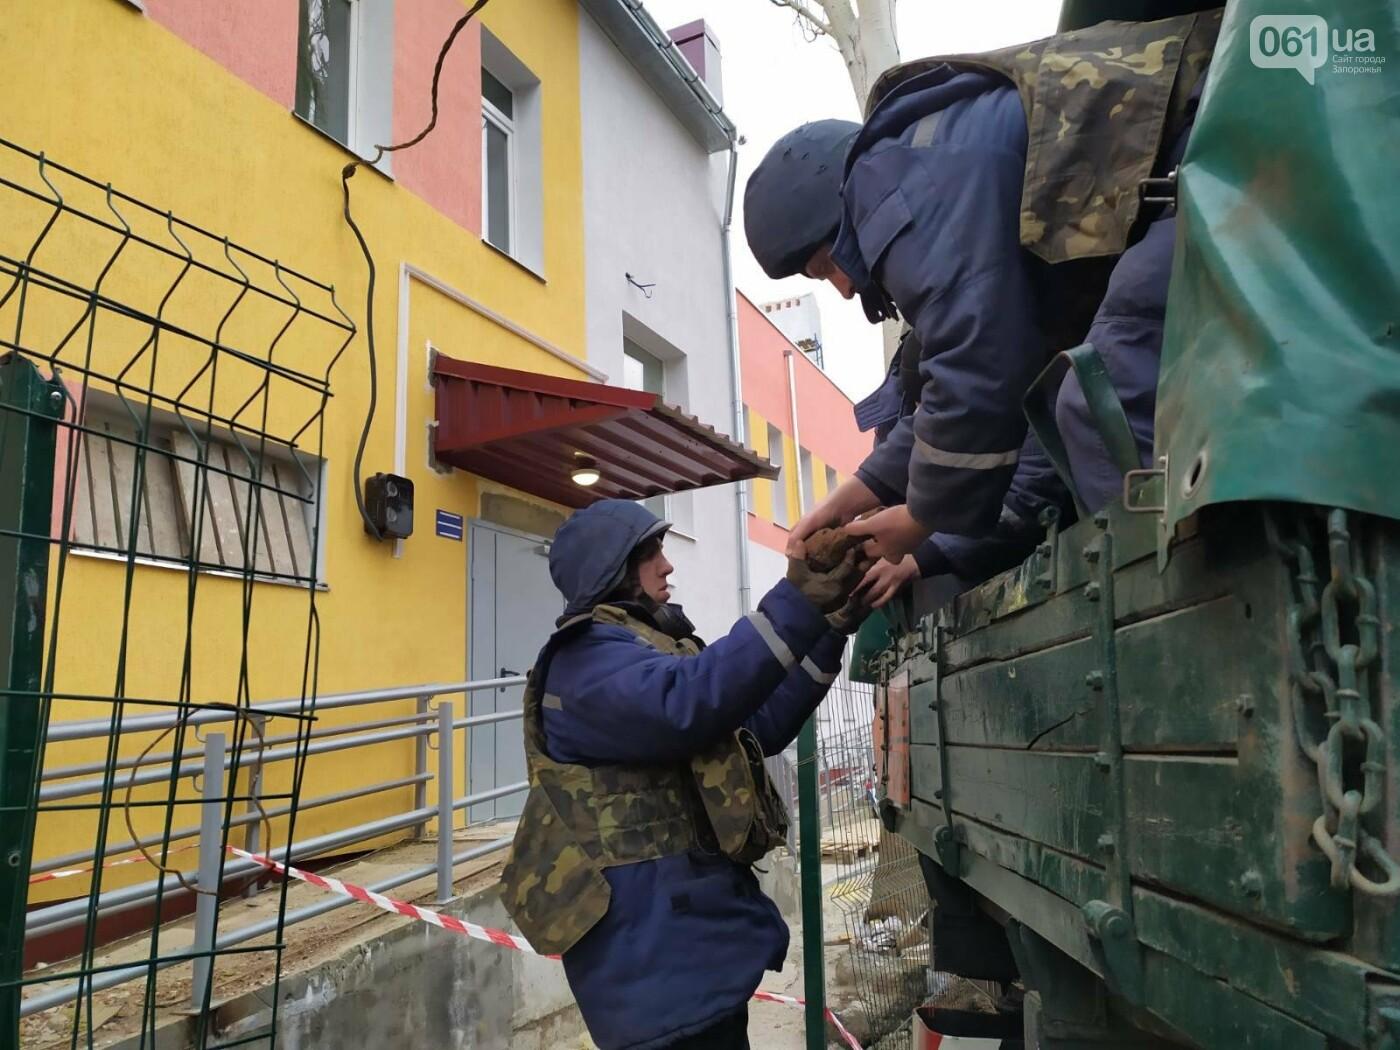 Нa территории ореховской школы нашли около сотни взрывоопасных предметов , фото-5